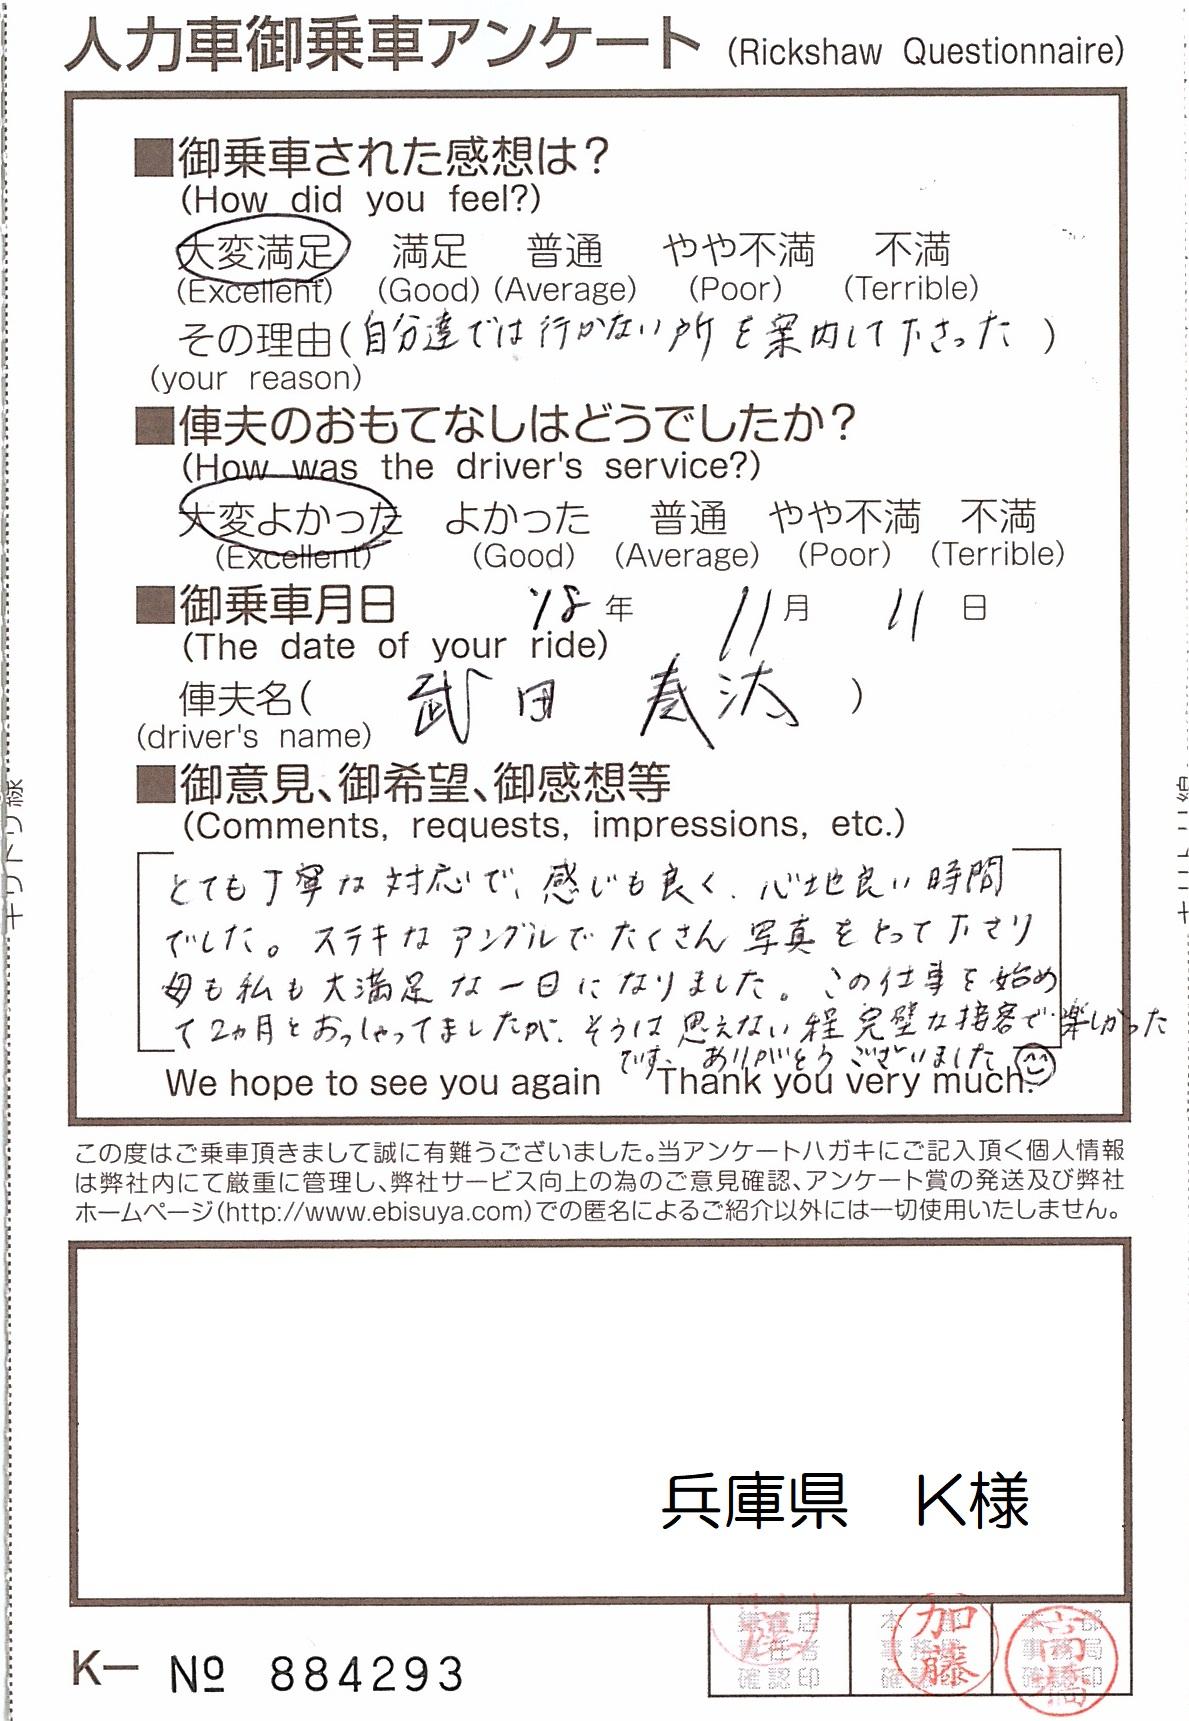 兵庫県 K様